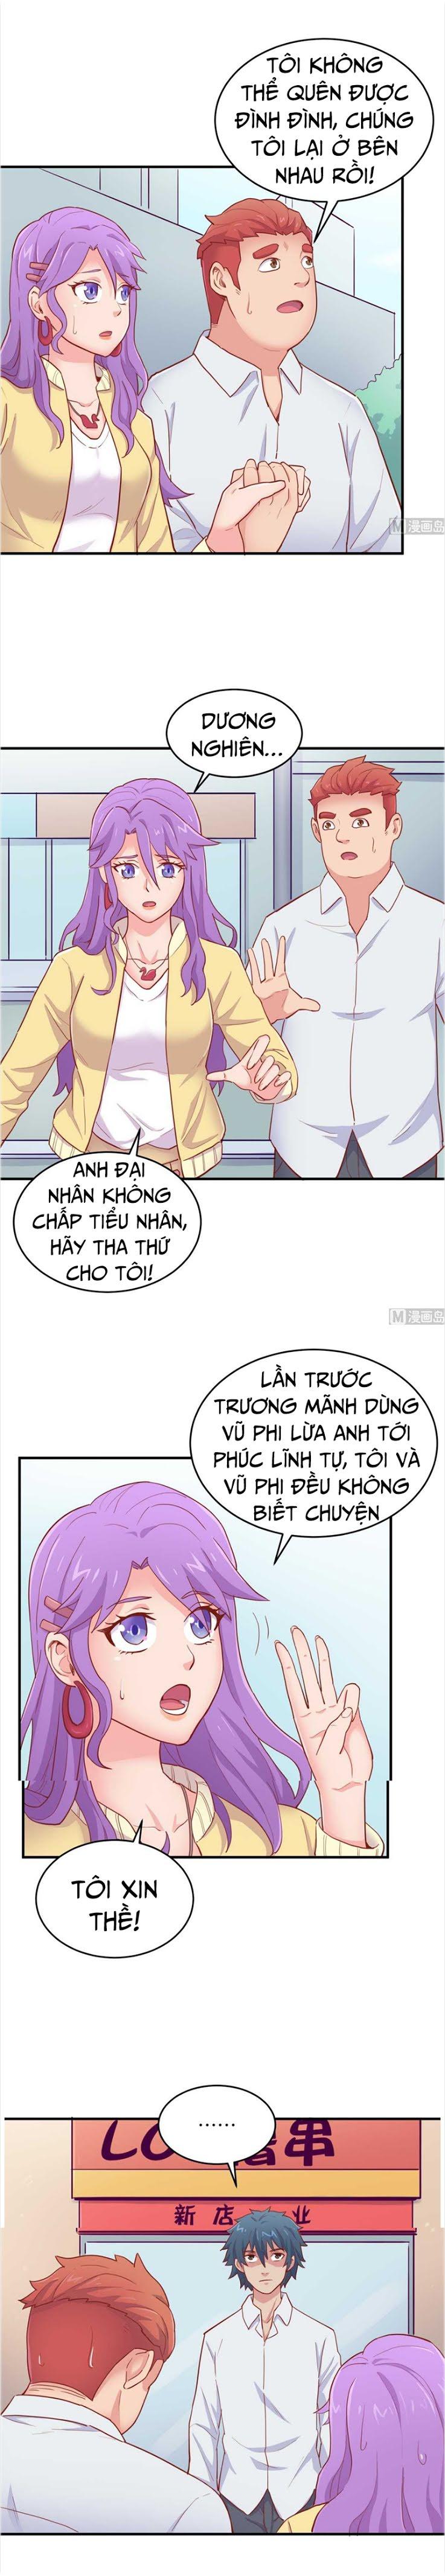 Bác Sĩ Riêng Của Nữ Thần Chapter 63 video - truyenmh.com